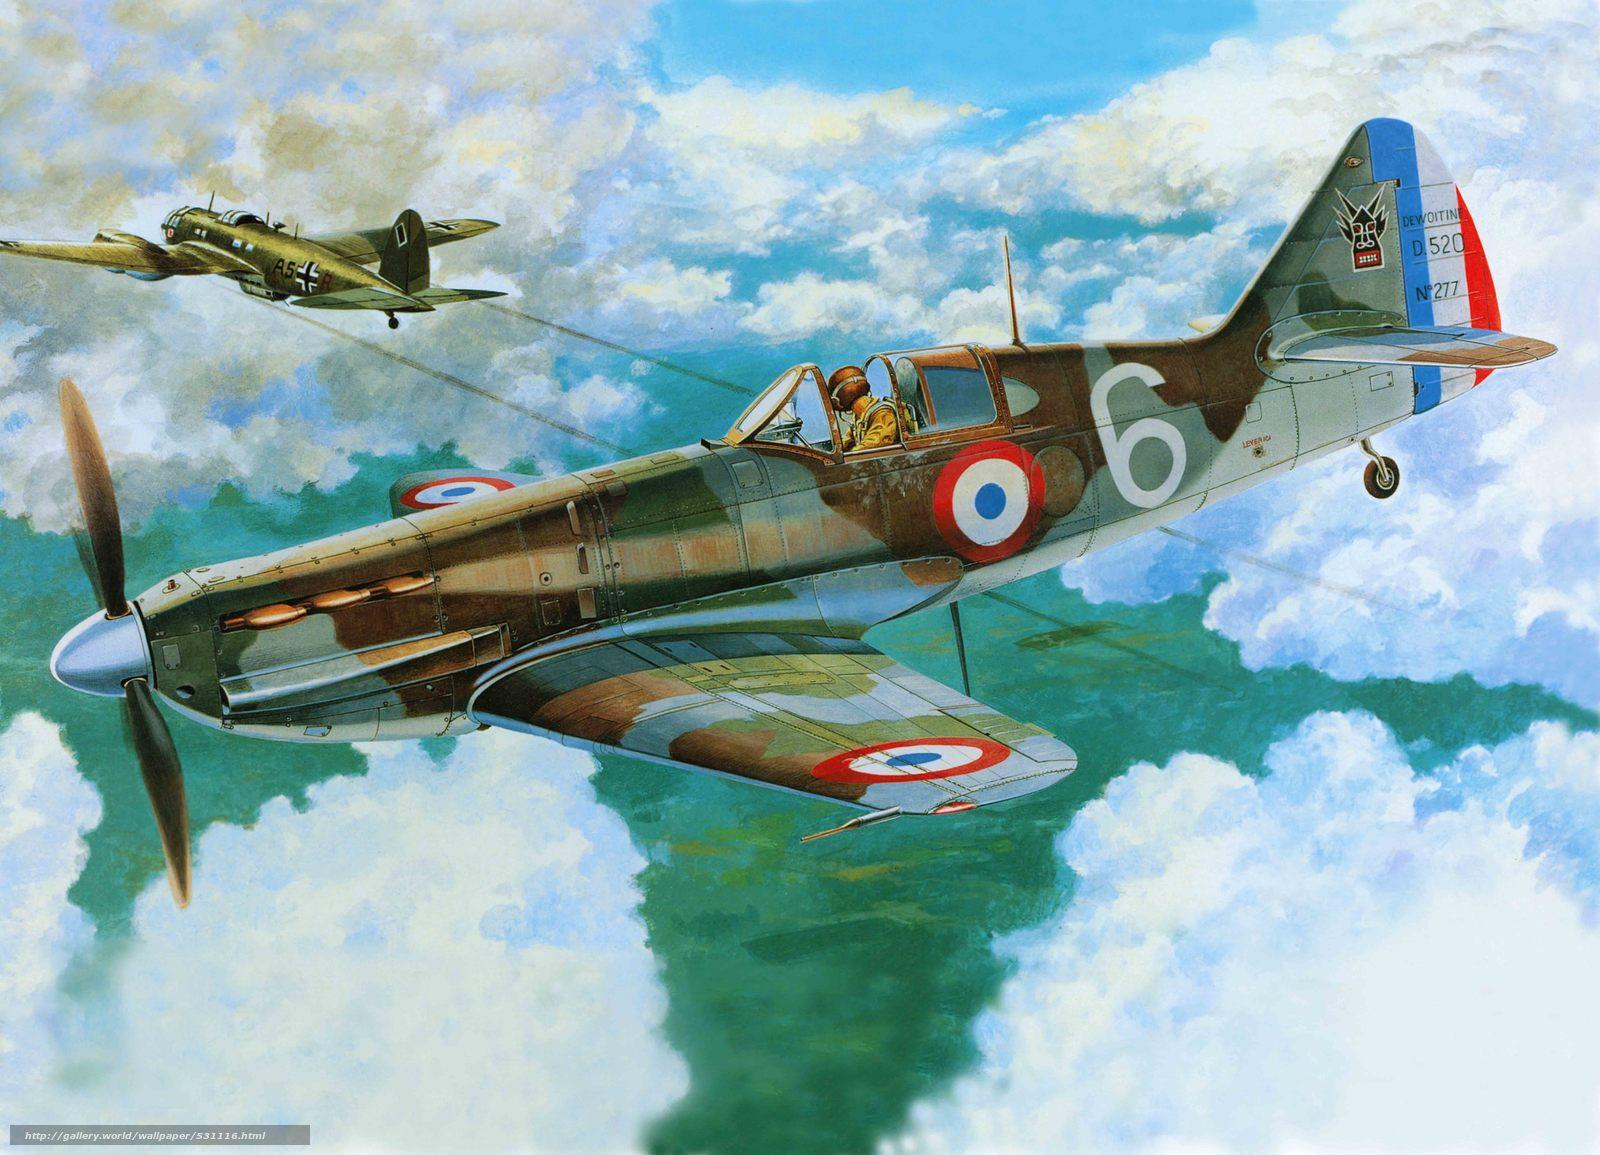 Скачать обои самолет,  французский,  арт,  истребитель бесплатно для рабочего стола в разрешении 7225x5216 — картинка №531116